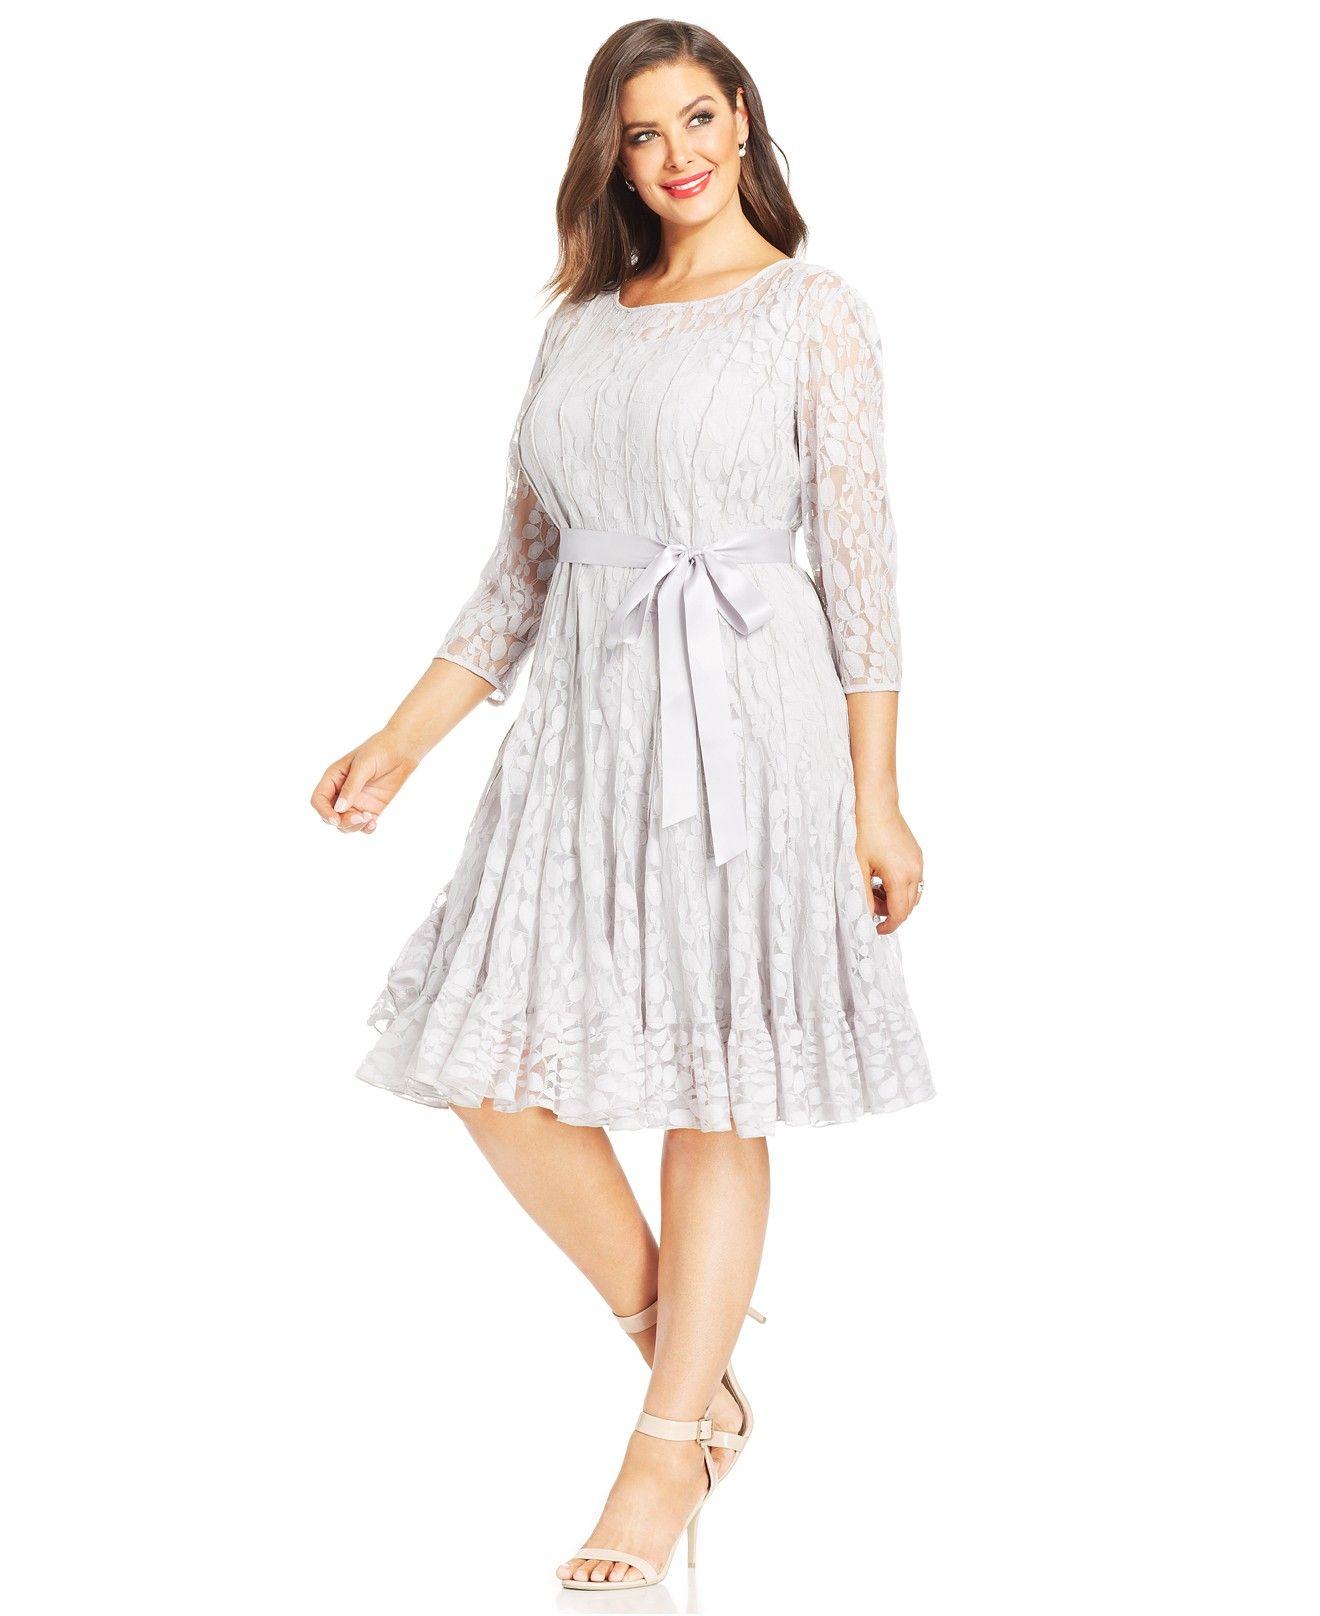 Msk Plus Size Illusion Floral Lace Dress Dresses Plus